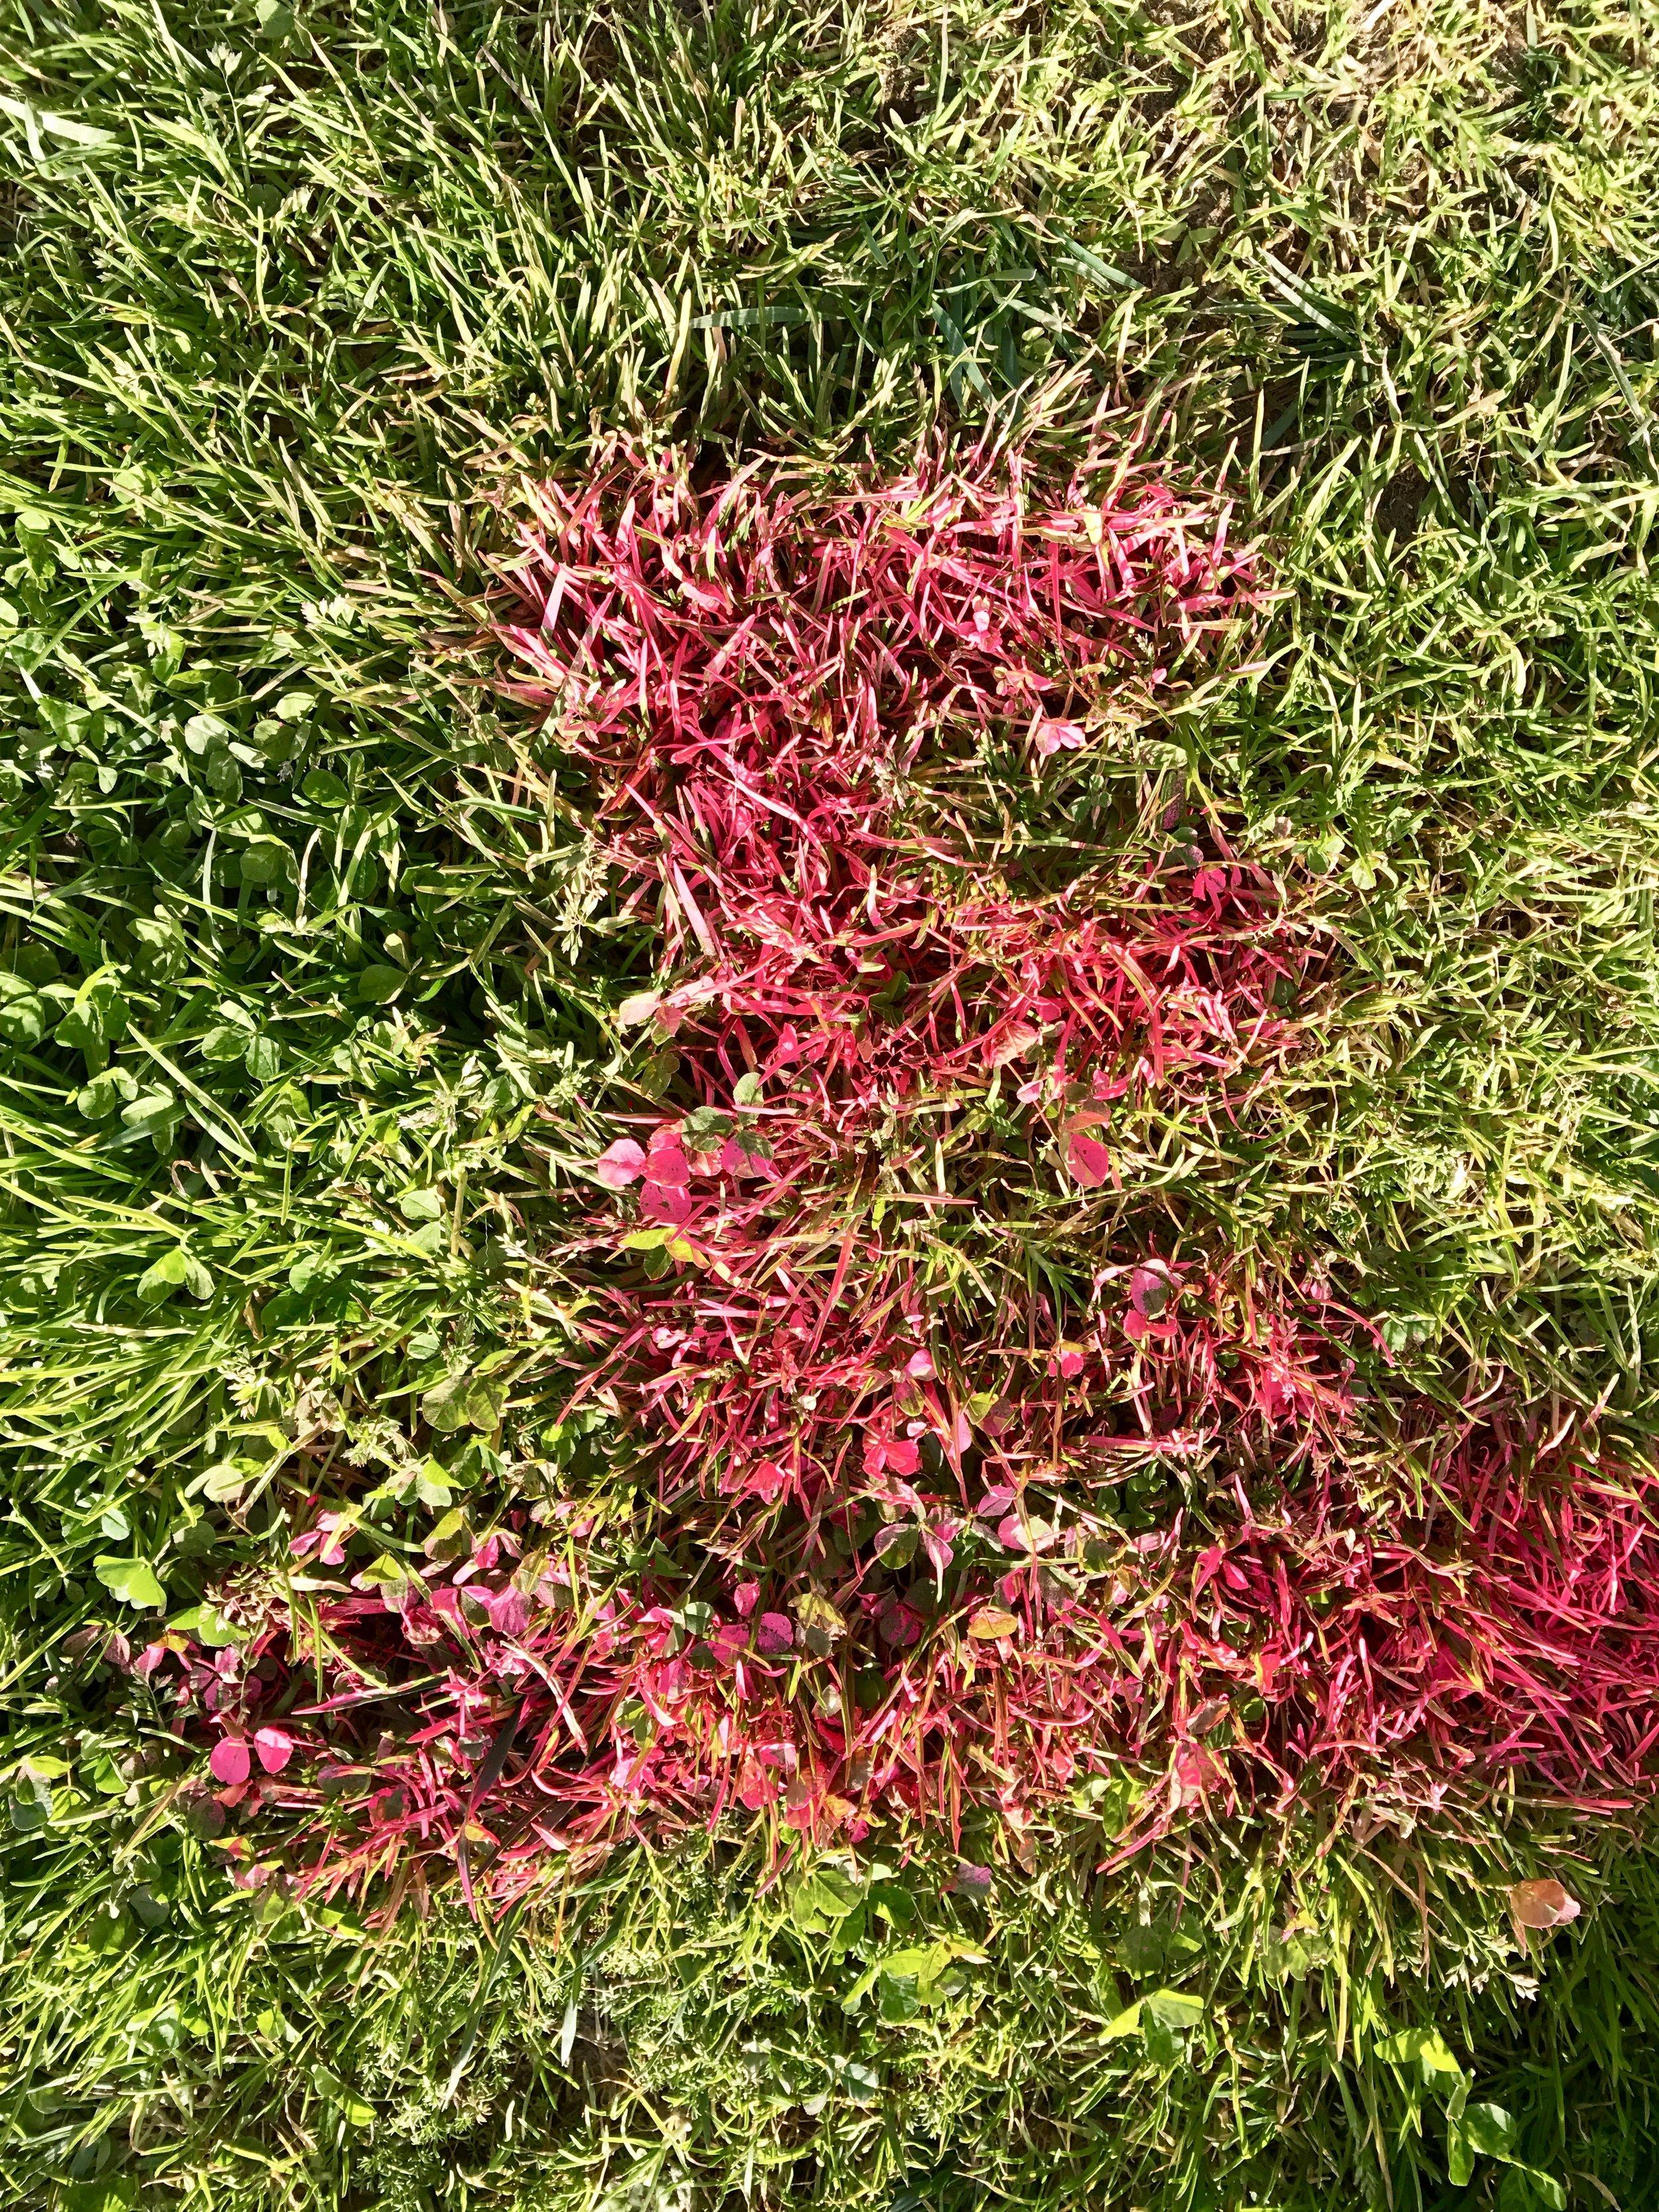 Neon Grass